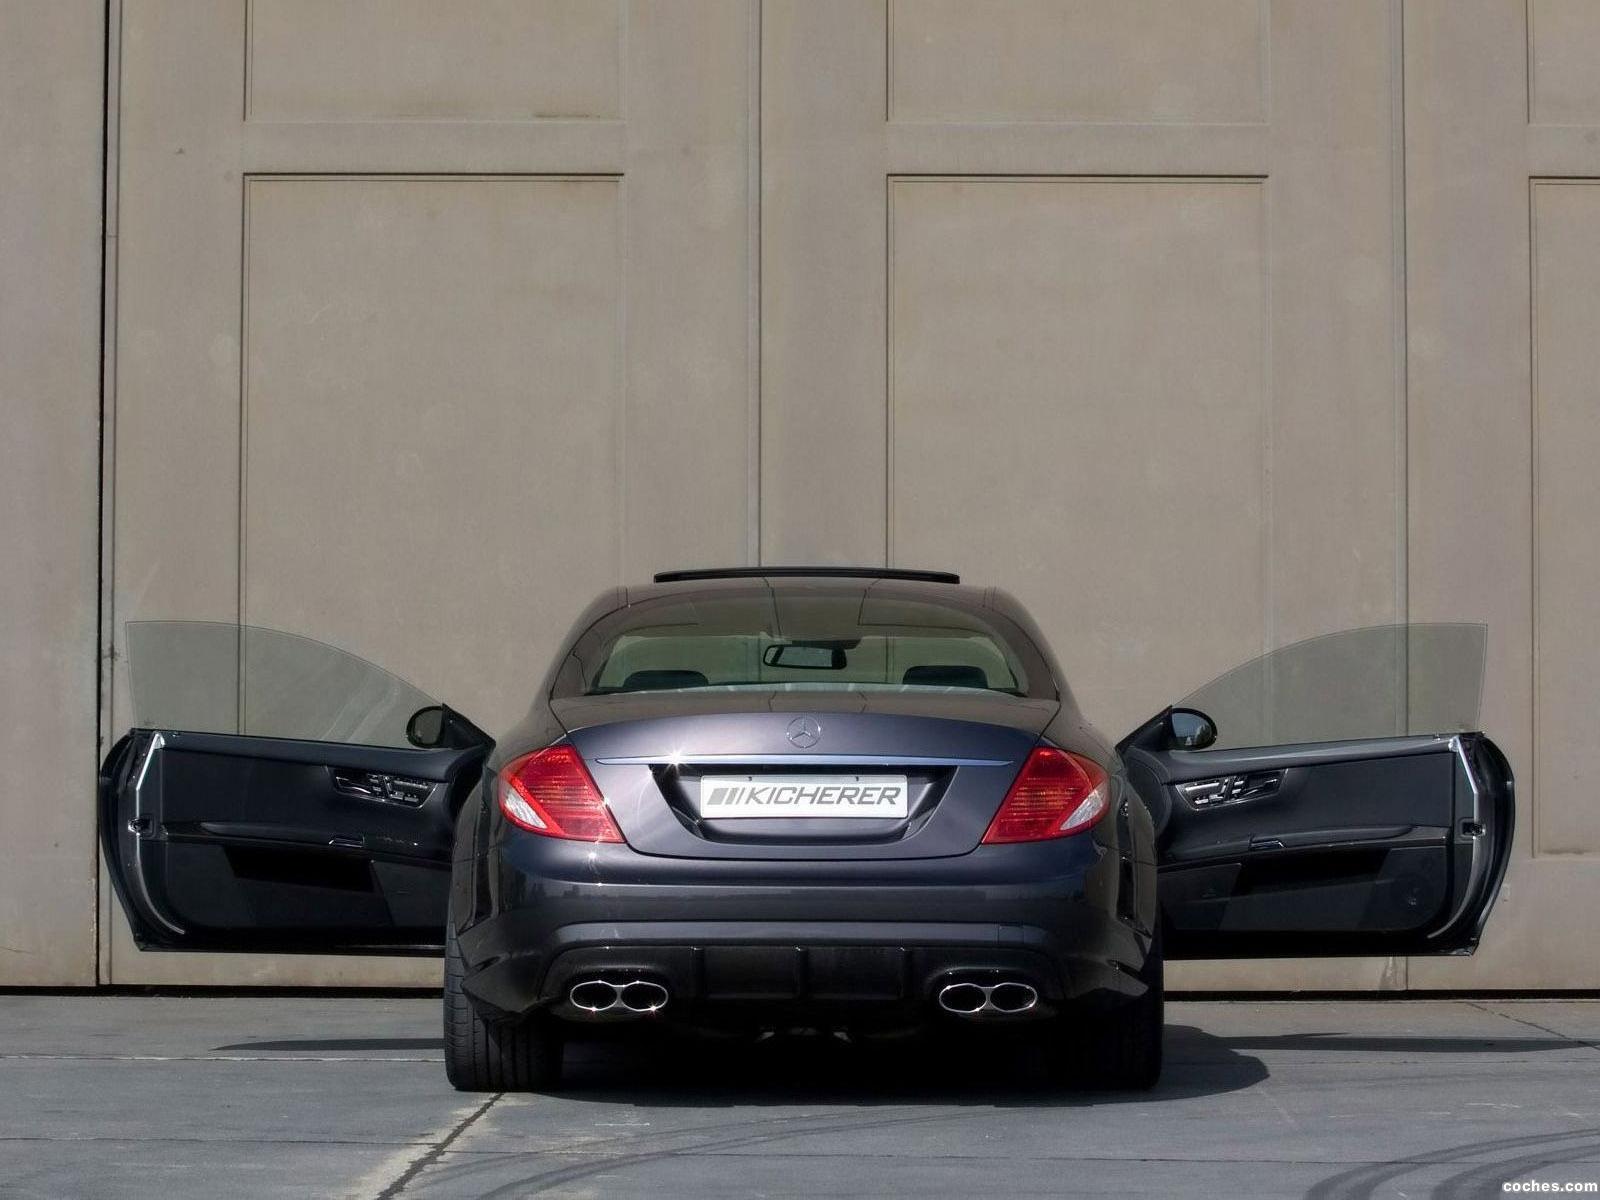 Foto 3 de Mercedes Kicherer CL60 Coupe 2009